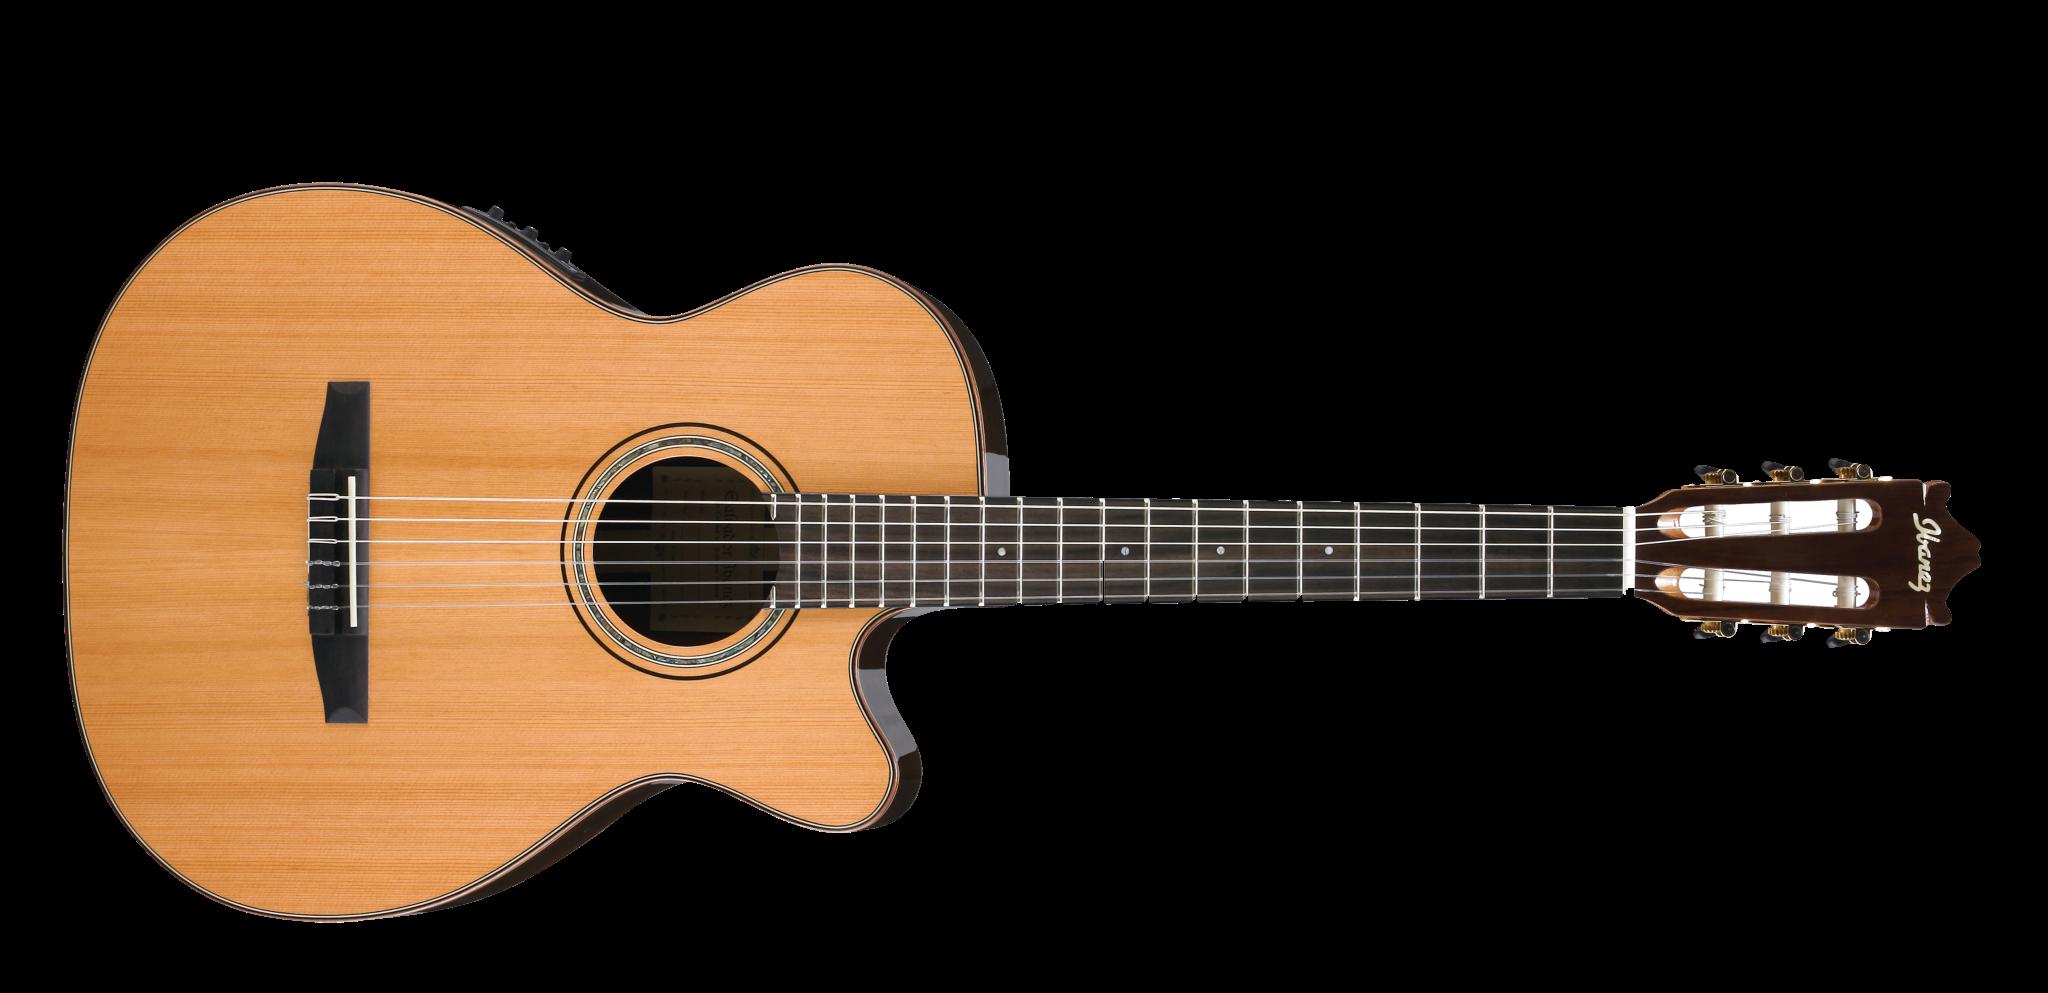 Guitar HD PNG - 116800